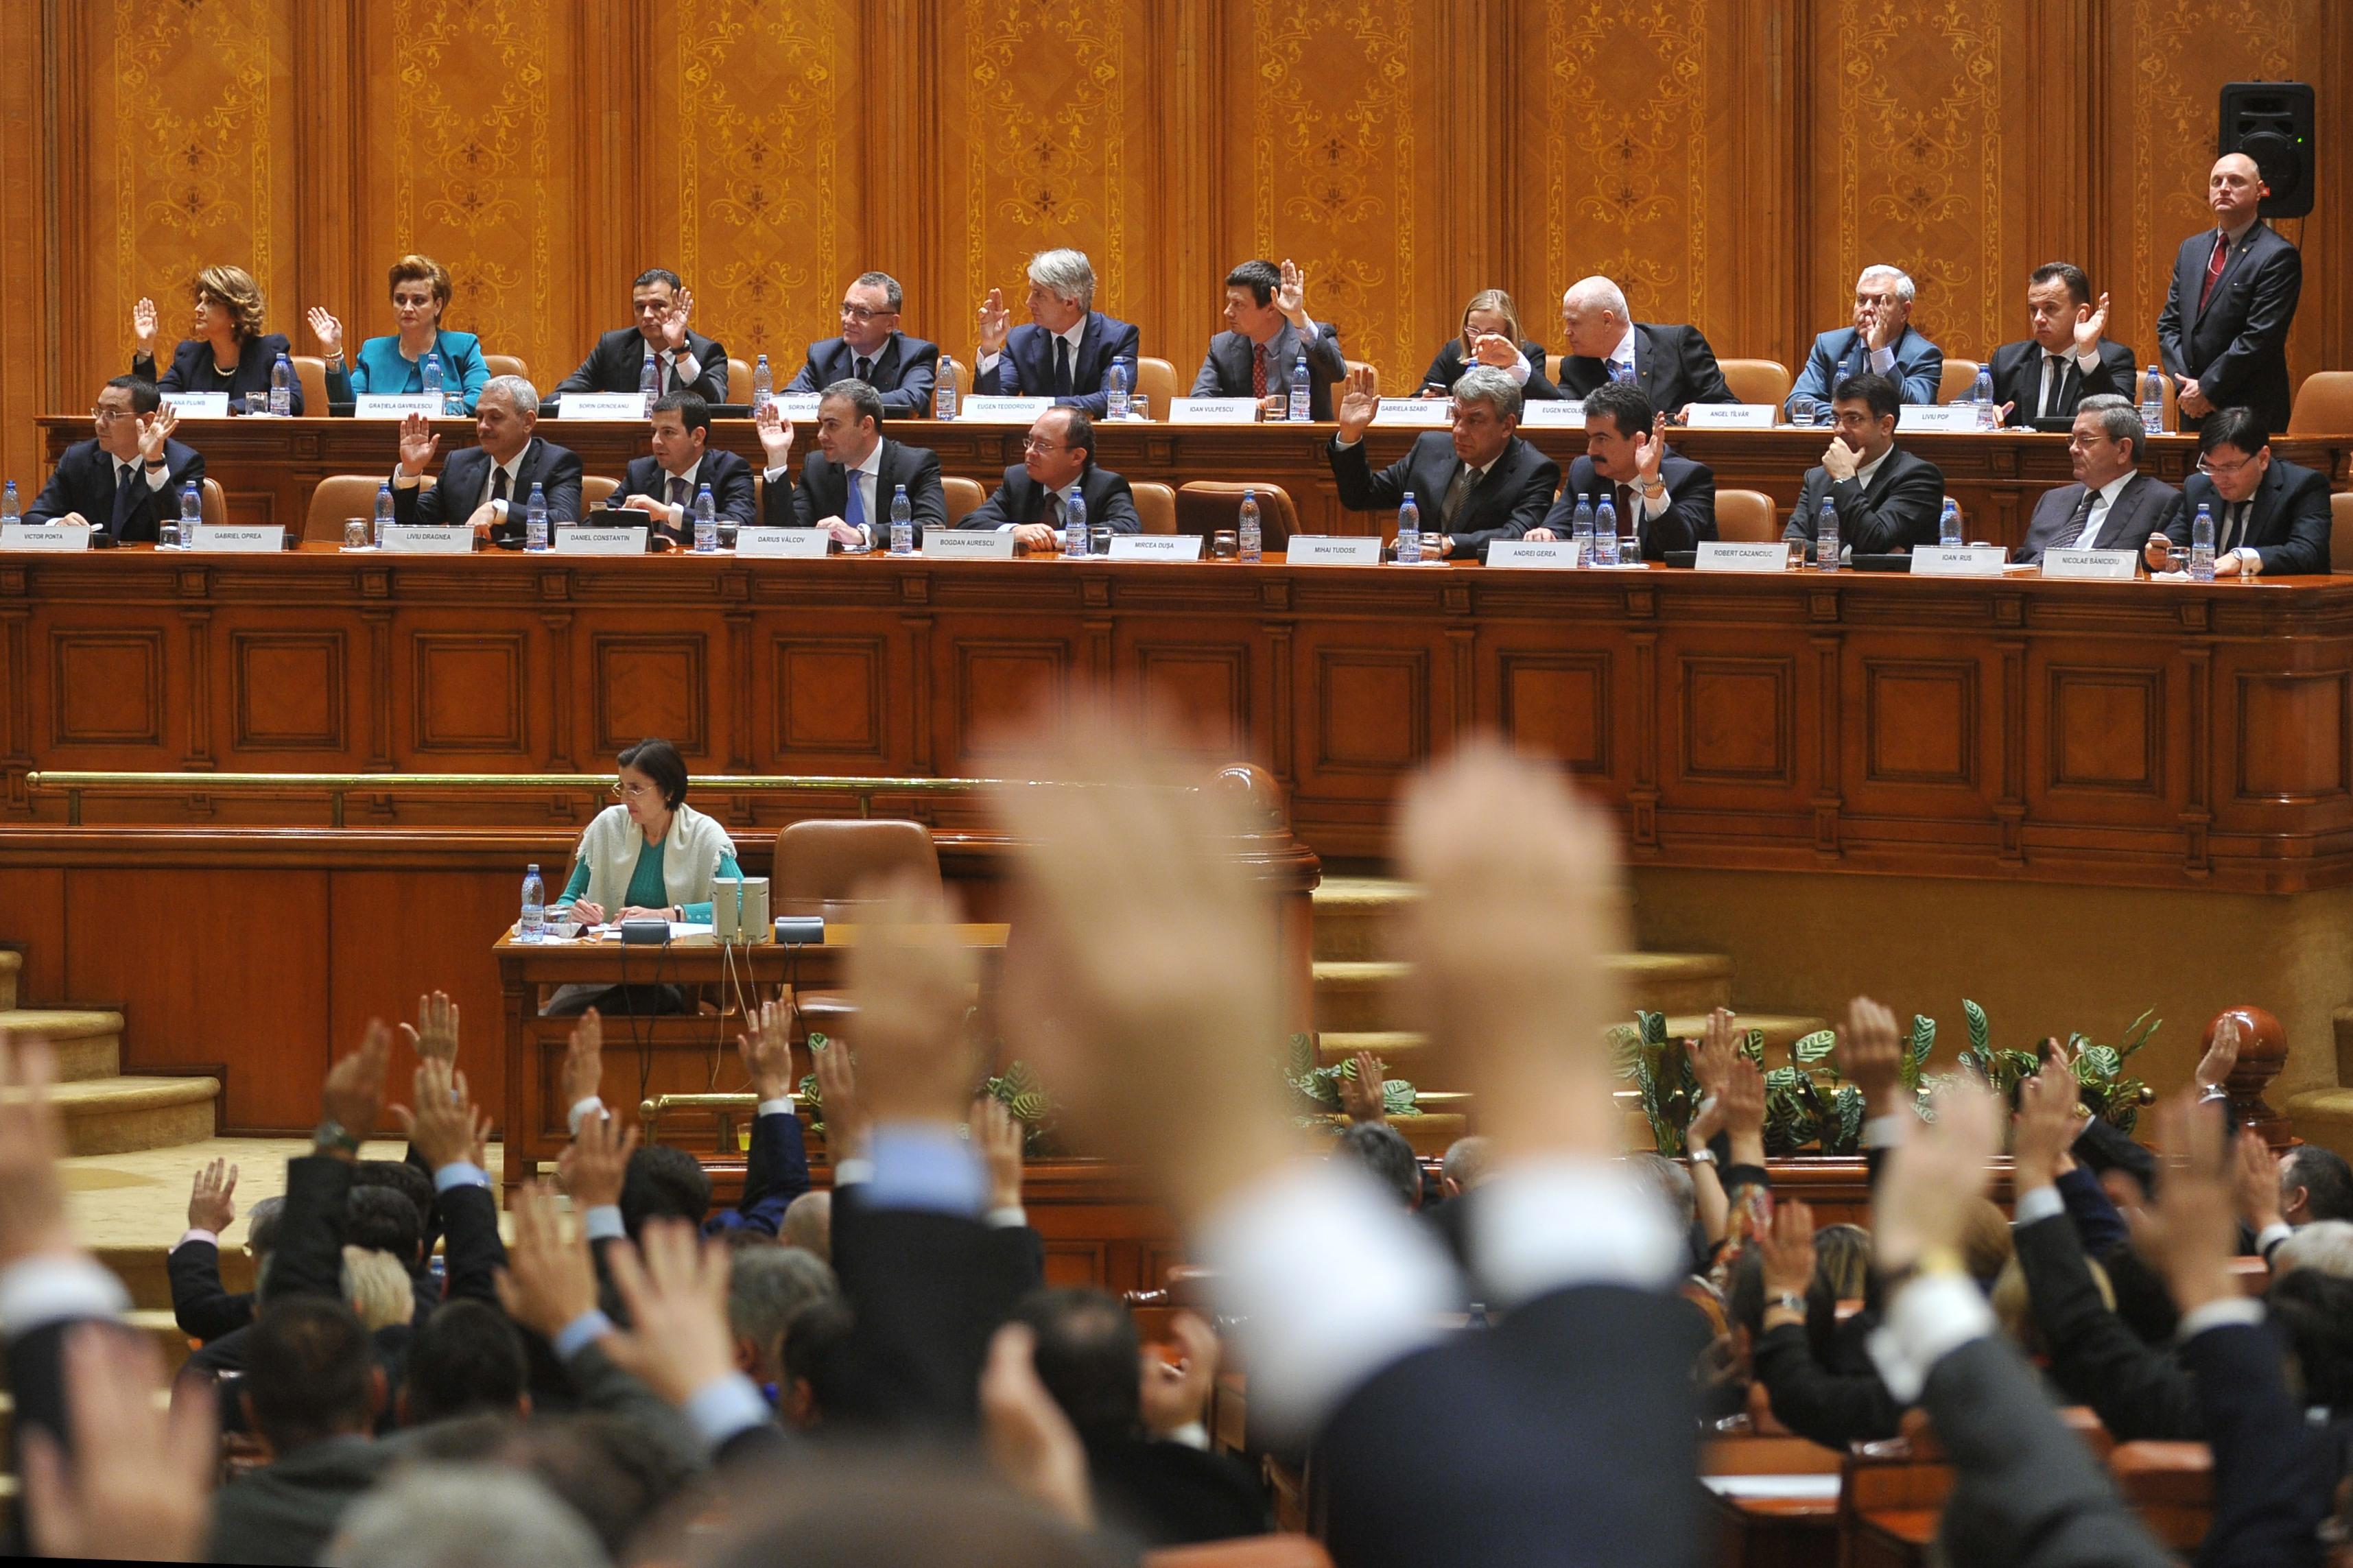 Cine face legile in Romania: 1 din 10 parlamentari este condamnat, urmarit sau trimis in judecata intr-un dosar penal